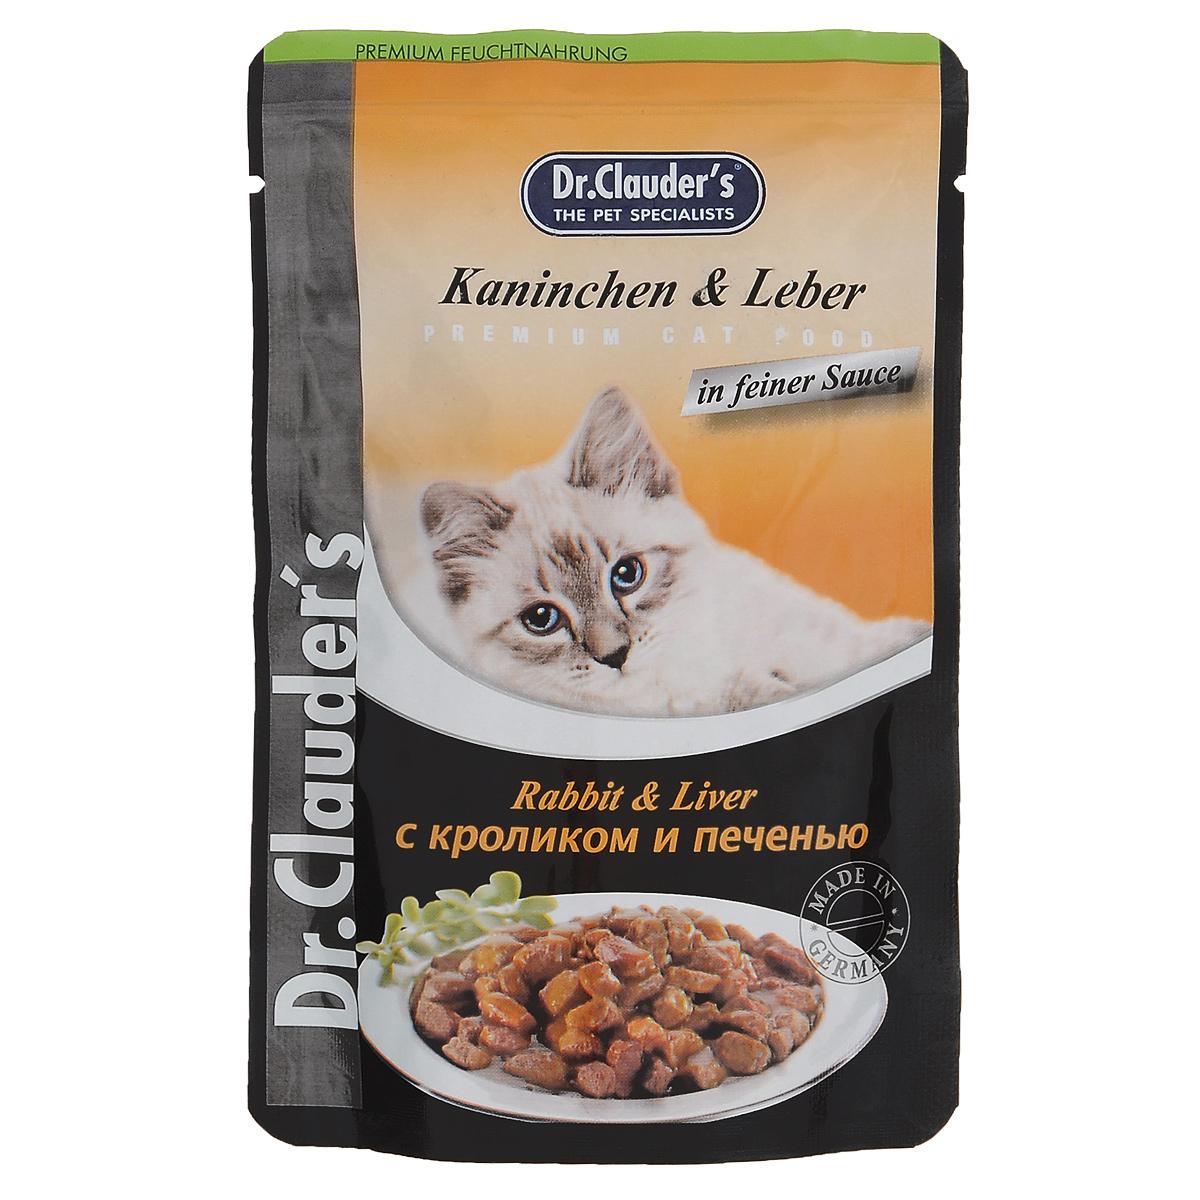 Консервы Dr. Clauders, для взрослых кошек, мясные кусочки в соусе с кроликом и печенью, 100 г14151Консервы Dr. Clauders - полноценное сбалансированное питание для взрослых кошек. Корм обладает высокойвкусовой привлекательностью и способен удовлетворить потребности любой кошки.Состав: мясо и мясные продукты (минимум 5% кролика, 5% печени), злаки, минералы, сахар. Добавки (в 1 кг): витамин D3 - 250 МЕ, витамин Е (альфа-токоферол) - 15 мг, медь - 1,0 мг, безискусственных красителей и консервантов.Содержание питательных веществ: протеин - 7,5%, жиры - 4,5%, зола - 2,5%, клетчатка пищевая - 0,3%, влажность -82%.Товар сертифицирован. УВАЖАЕМЫЕ КЛИЕНТЫ! Обращаем ваше внимание на ассортимент в дизайне упаковки товара. Поставка осуществляется взависимости от наличия на складе.